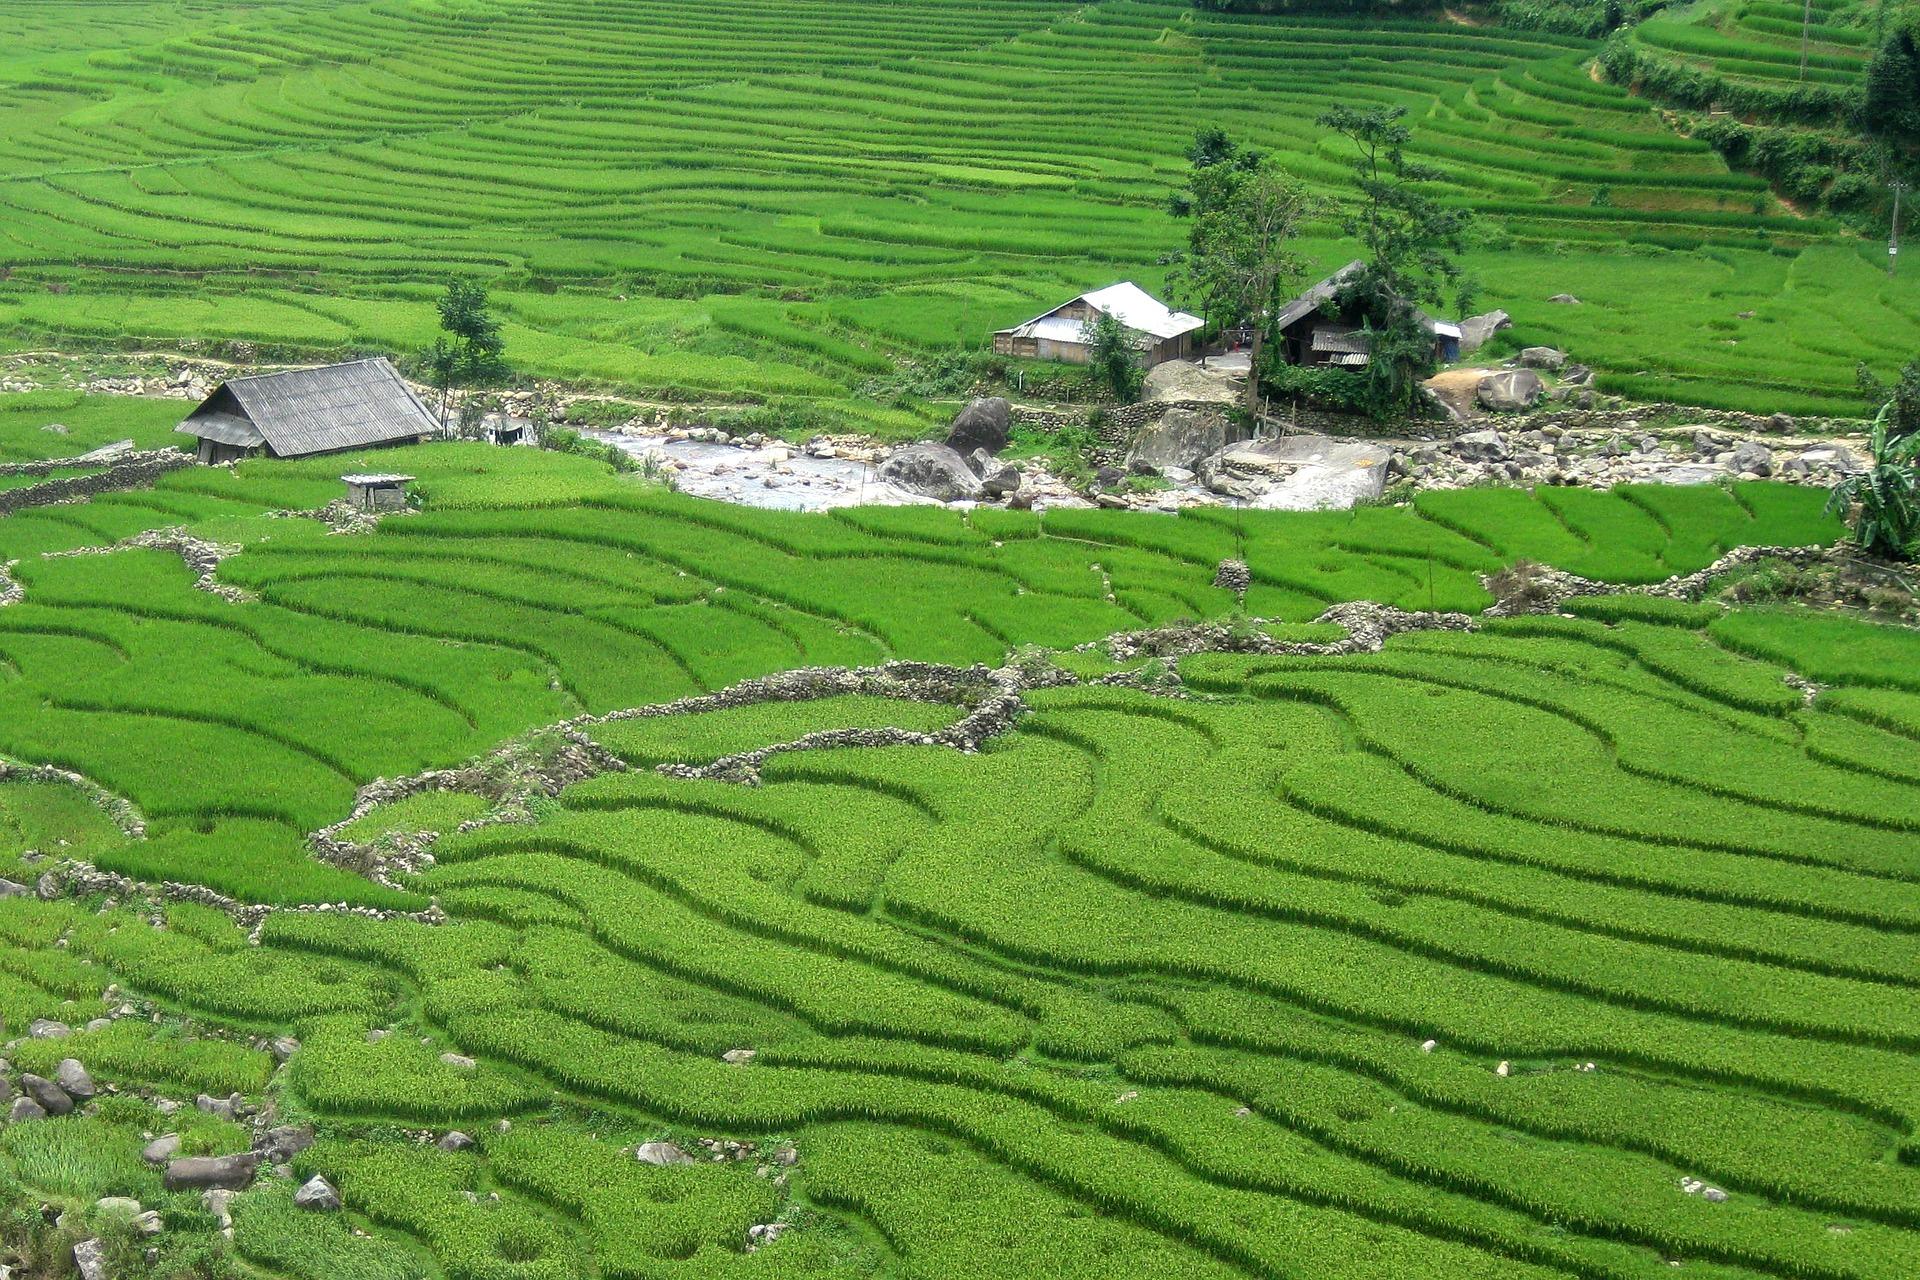 Rice padi, Sapa VIetnam